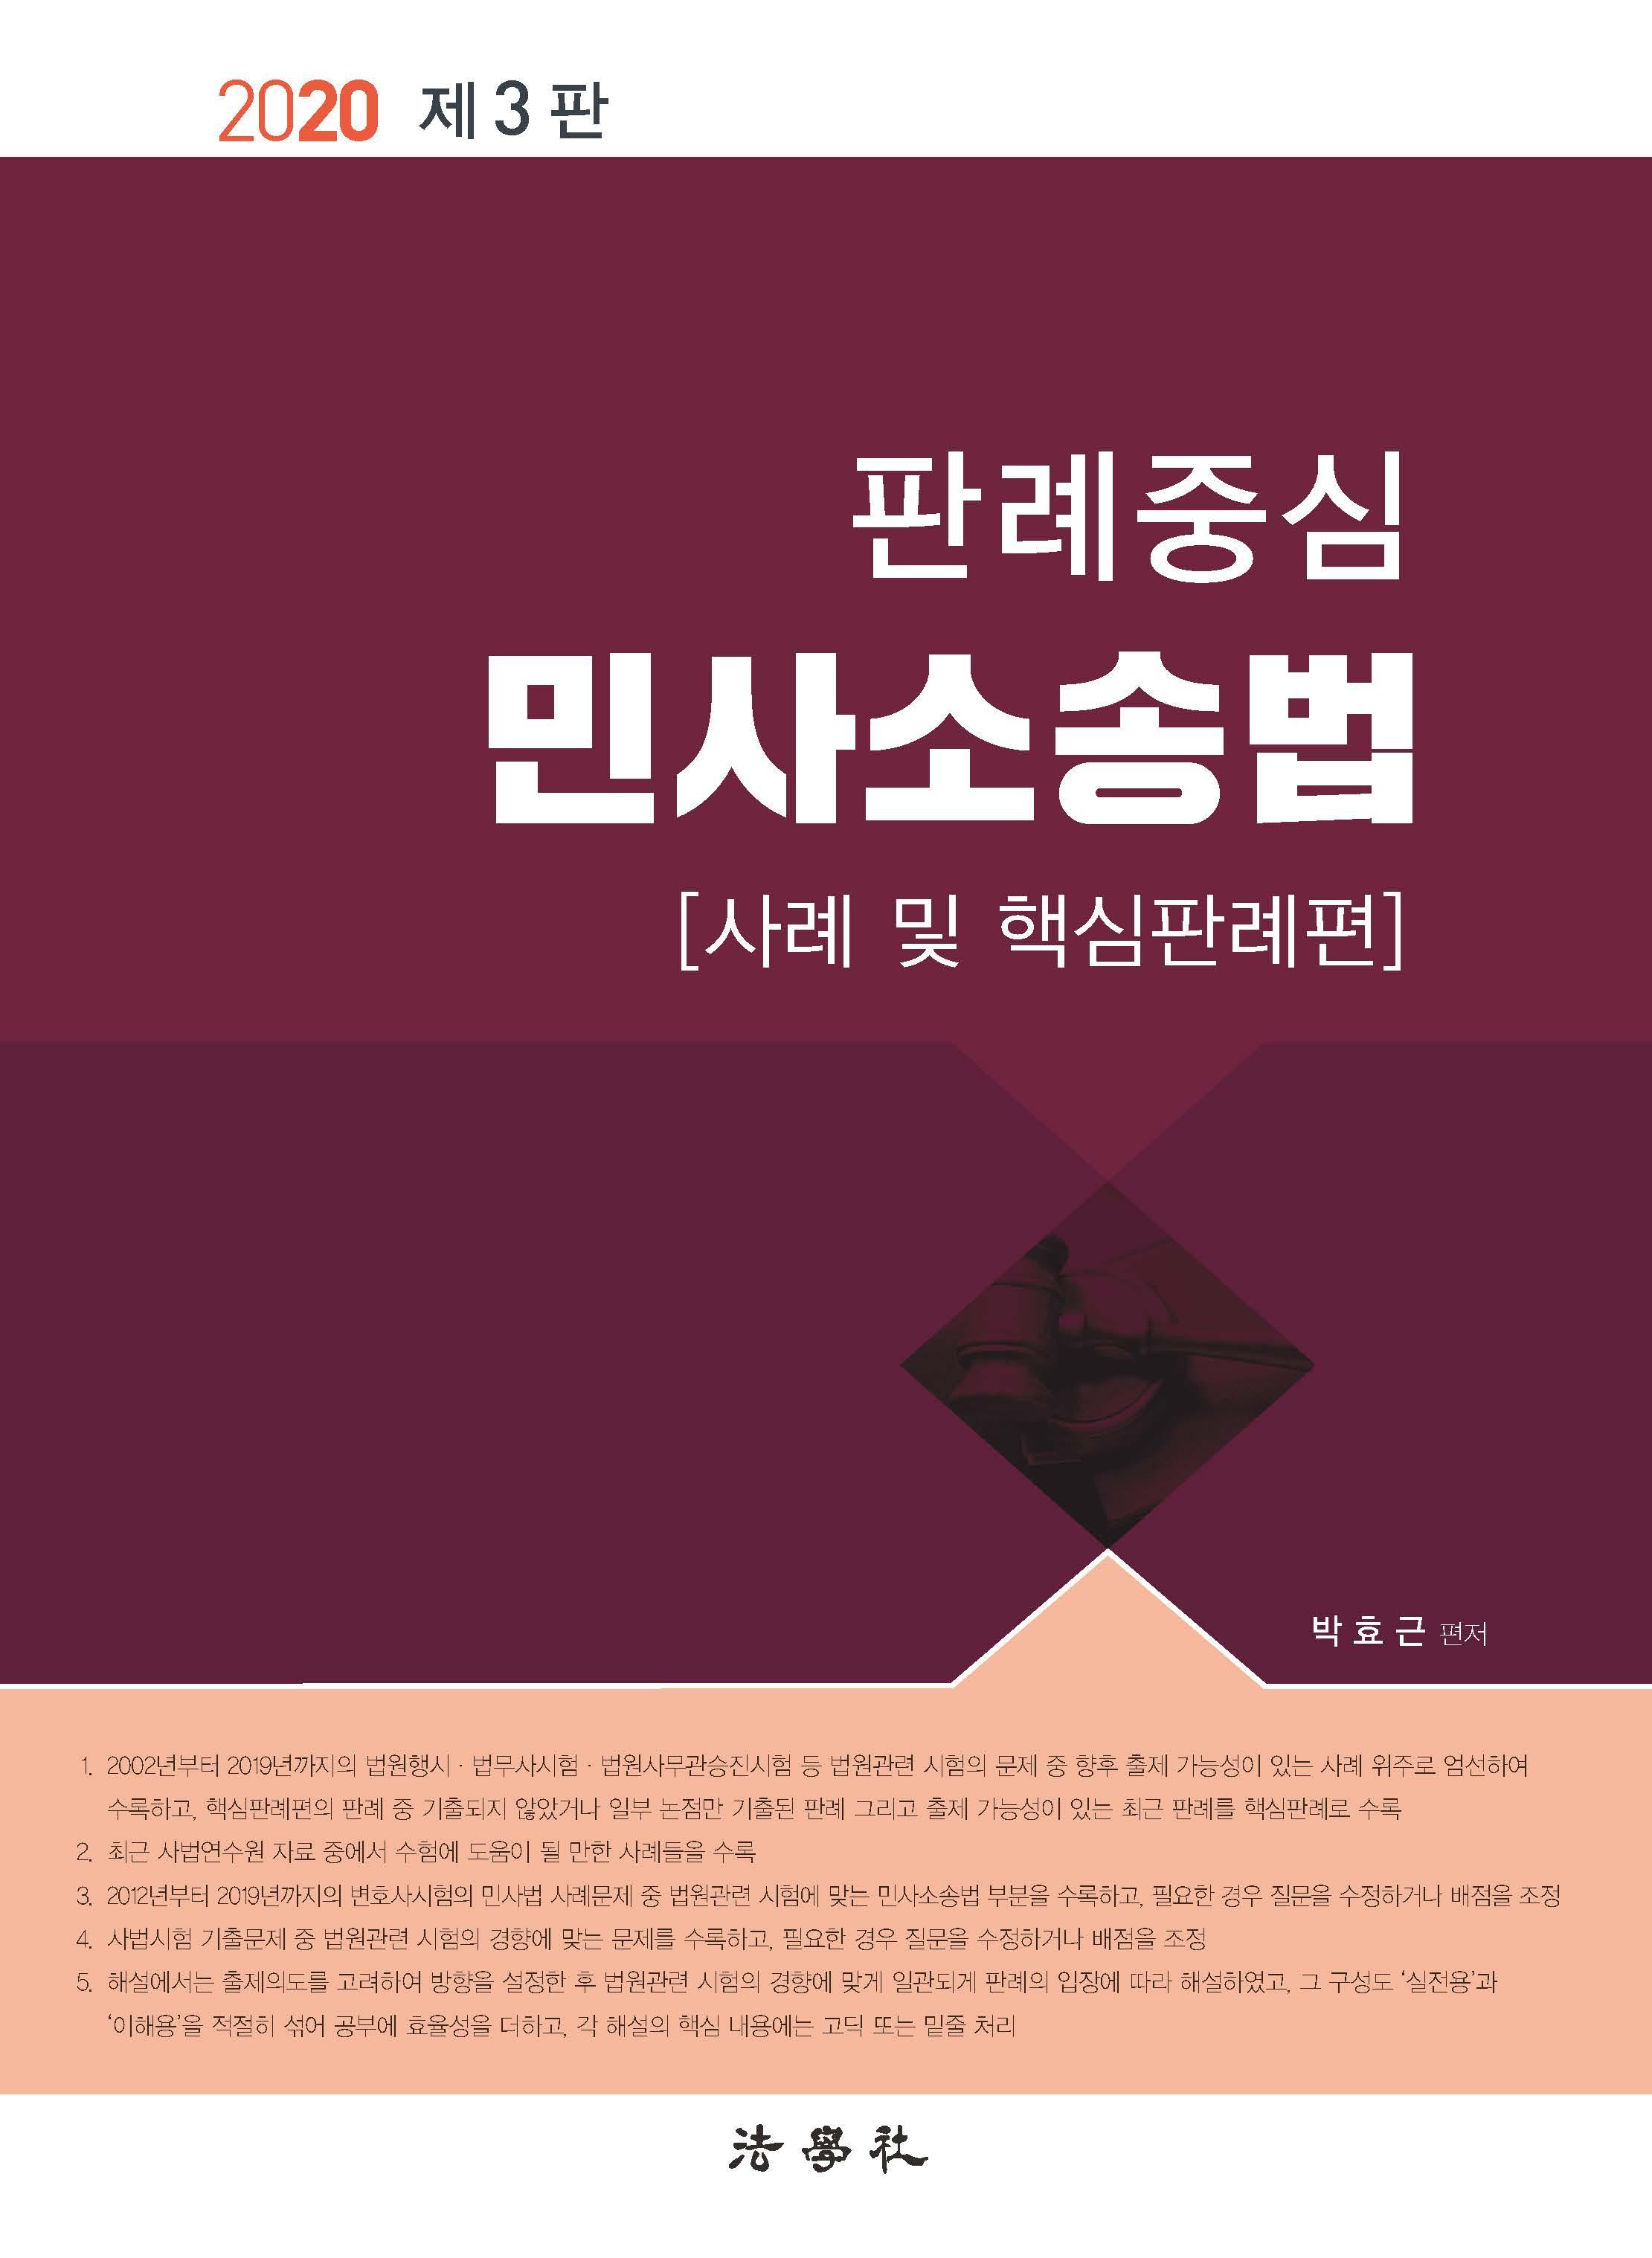 [법무사] 2020 판례중심 민사소송법 사례 및 핵심판례편 (박효근 저)